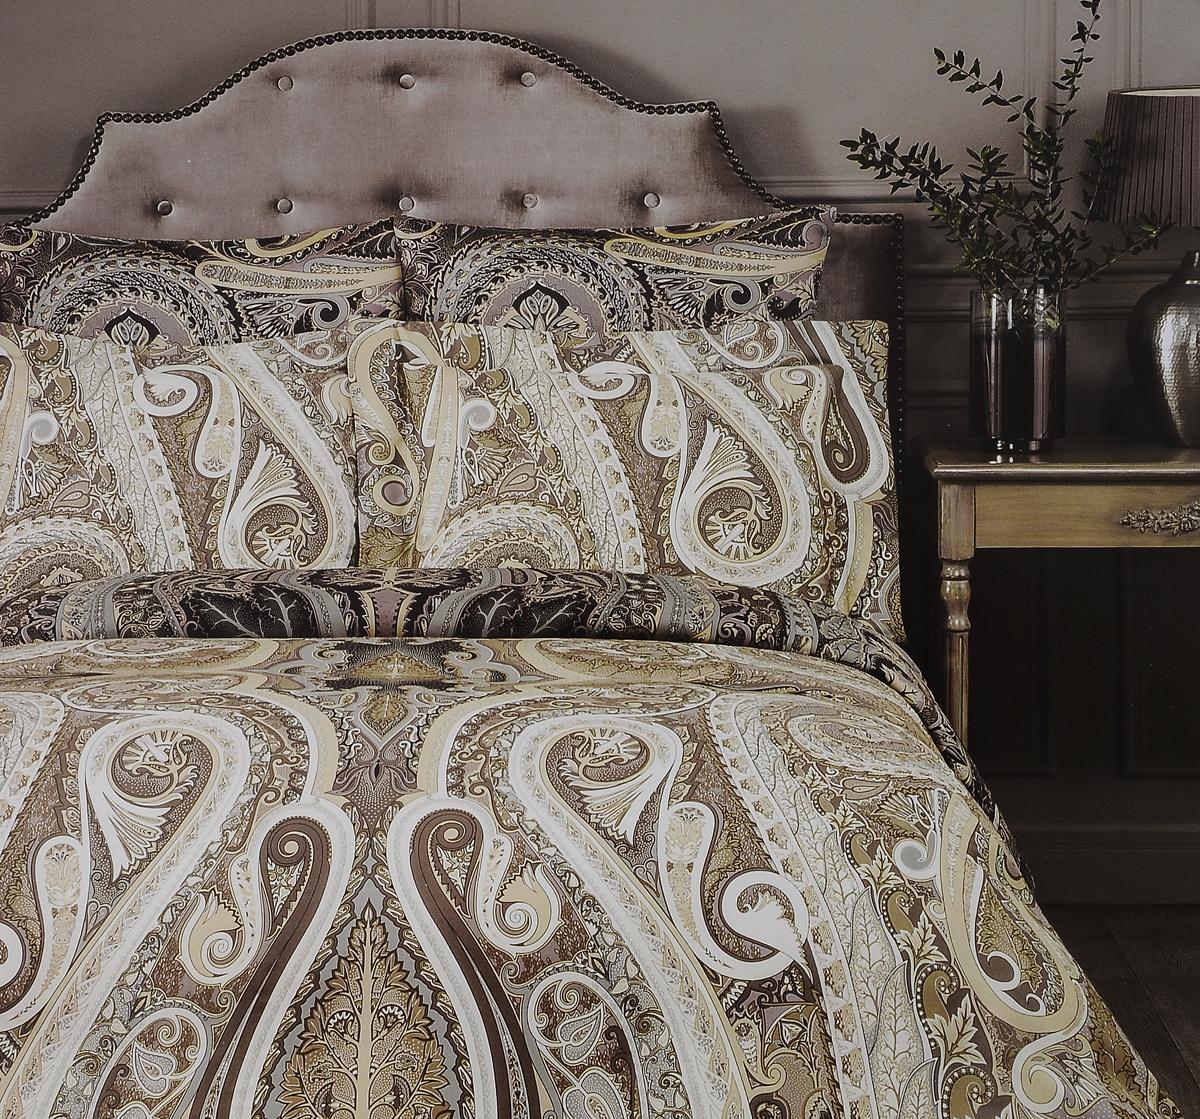 Комплект белья Togas Амрита, 2-спальный, наволочки 50x7030.07.28.0473Комплект постельного белья Togas Амрита, выполненный из 100% тенселя, состоит из пододеяльника, простыни и 2 наволочек. Изделия имеют классический крой и декорированы ярким принтом. Тенсель - материал натурального происхождения, который изготавливают из древесины австралийского эвкалипта и подвергают нанообработке. Комплект постельного белья Togas Амрита гармонично впишется в интерьер вашей спальни и создаст атмосферу уюта и комфорта.